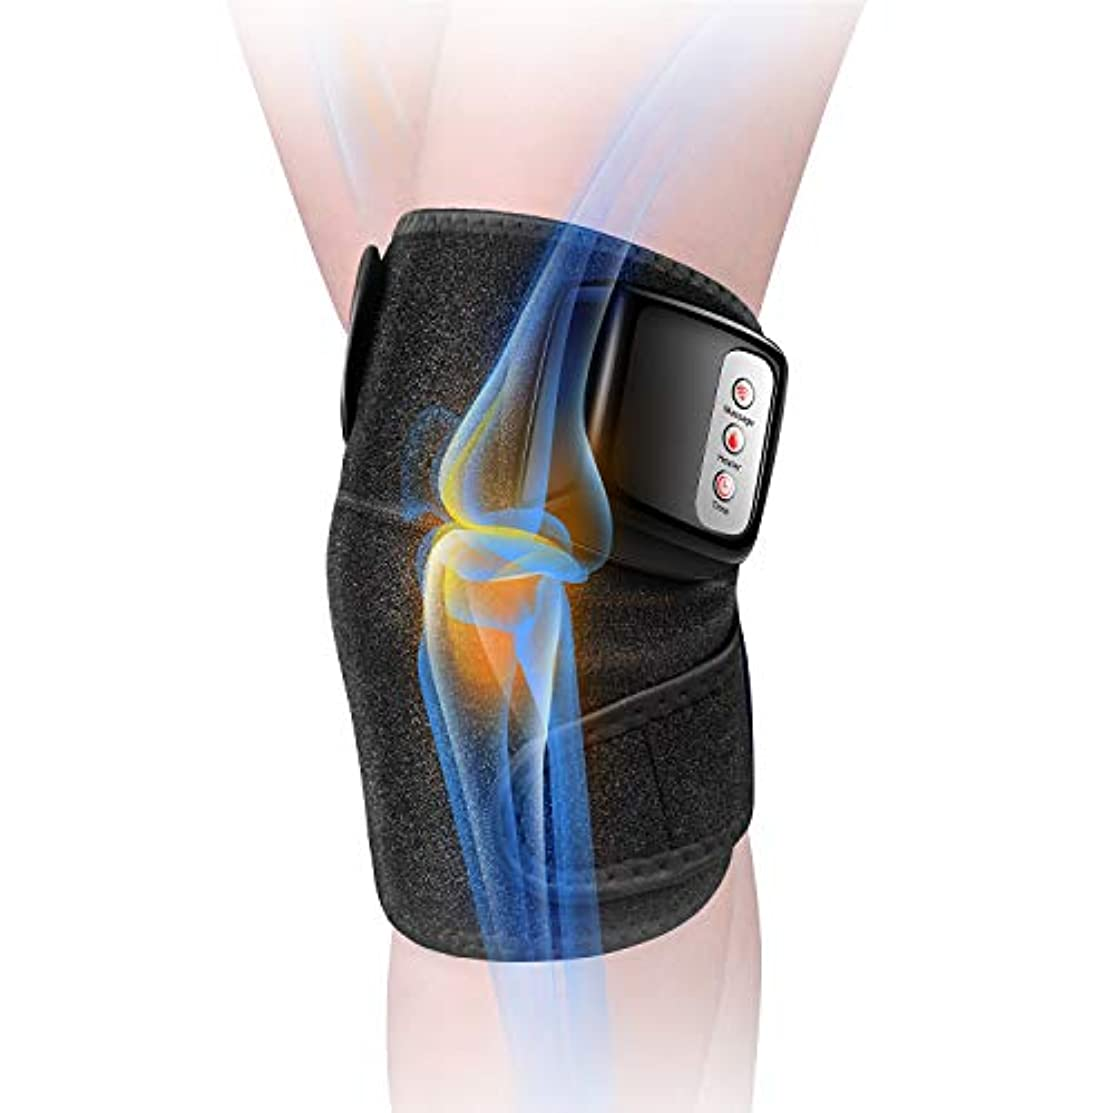 顔料補う見る人マッサージ器 フットマッサージャー 膝マッサージャー ひざ 太もも 腕 肩 肘 ヒーター付き 振動 マッサージ機 レッグマッサージャー 通気性 赤外線療法 膝サポーター ストレス解消 温熱マッサージ